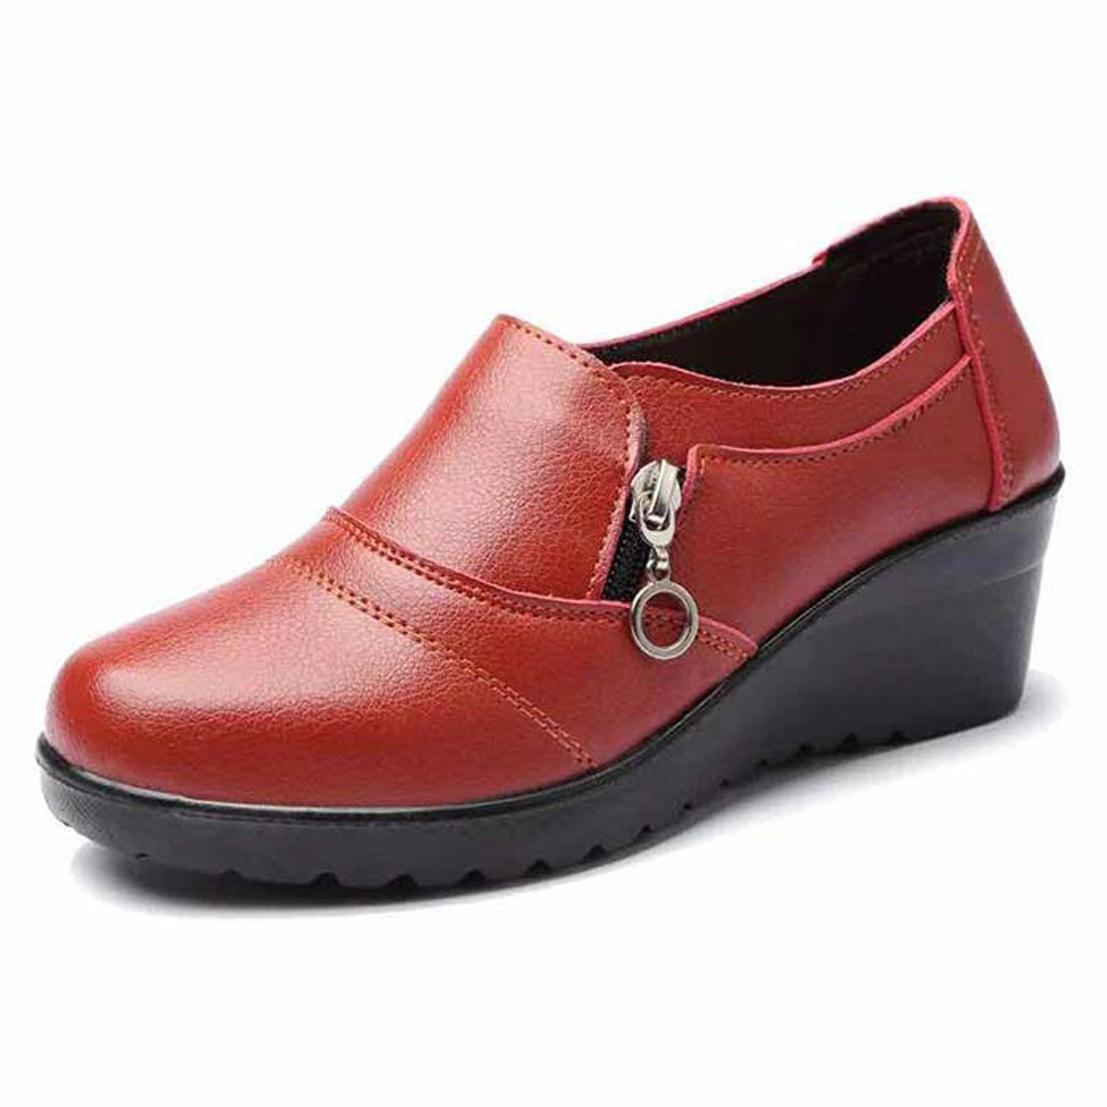 Mit Box Frau Pantoffel Schuh Sandalen aus echtem Leder-Qualitäts-Hausschuh Mode Scuffs Hausschuhe Freizeitschuhe freien DHL-02PX842